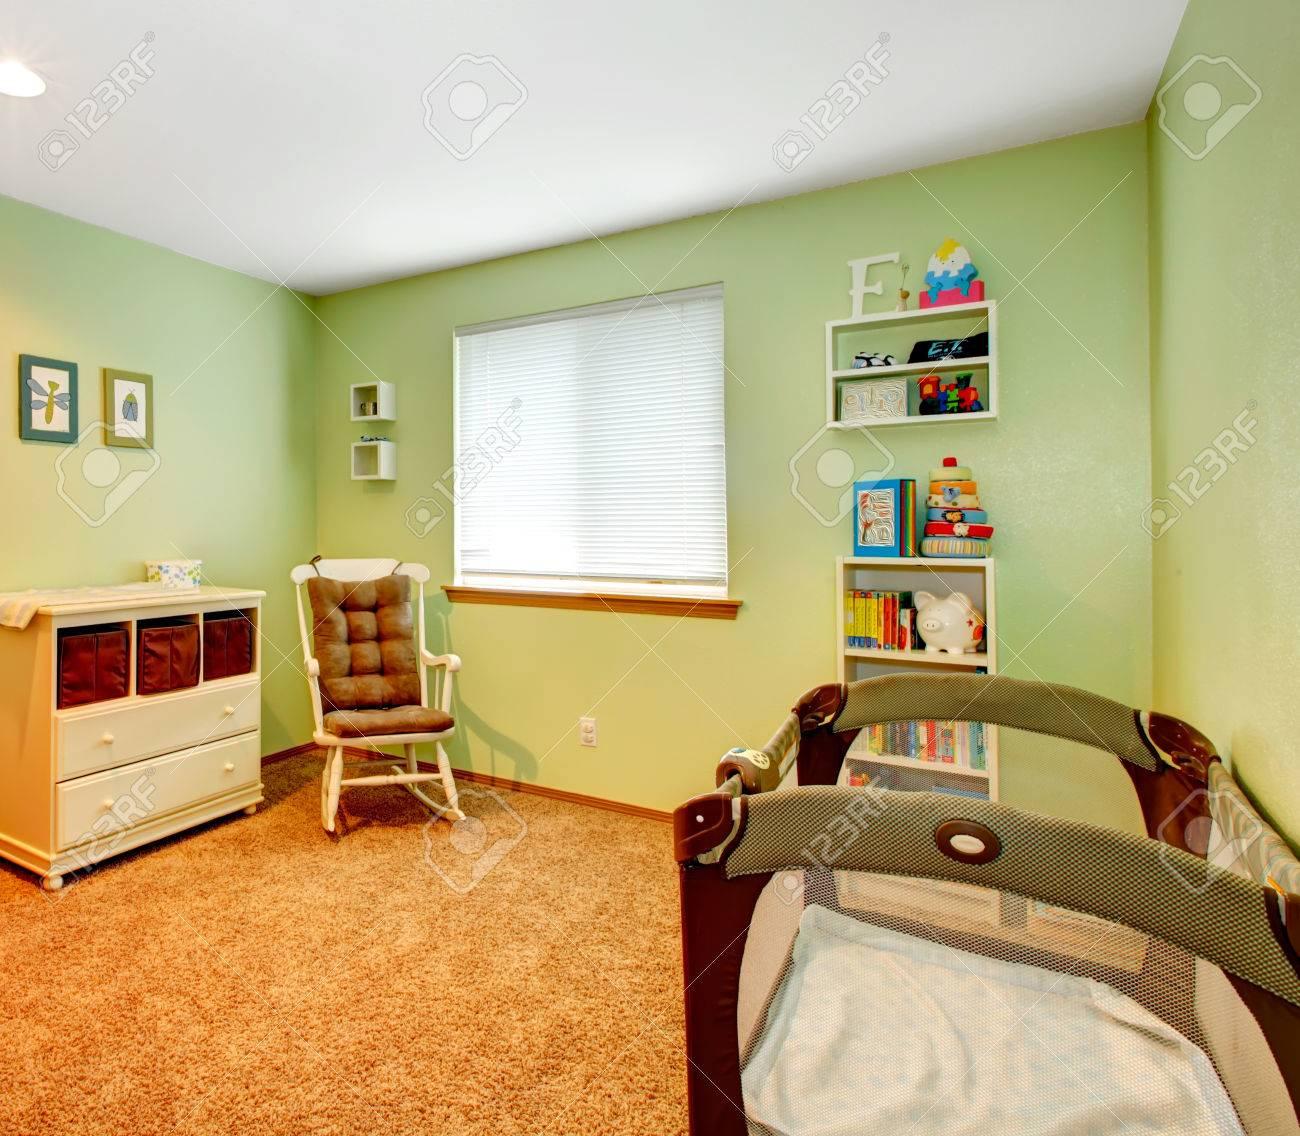 Vert et beige confortable salle de pépinière avec lit bébé, chaise berçante  et meuble en bois